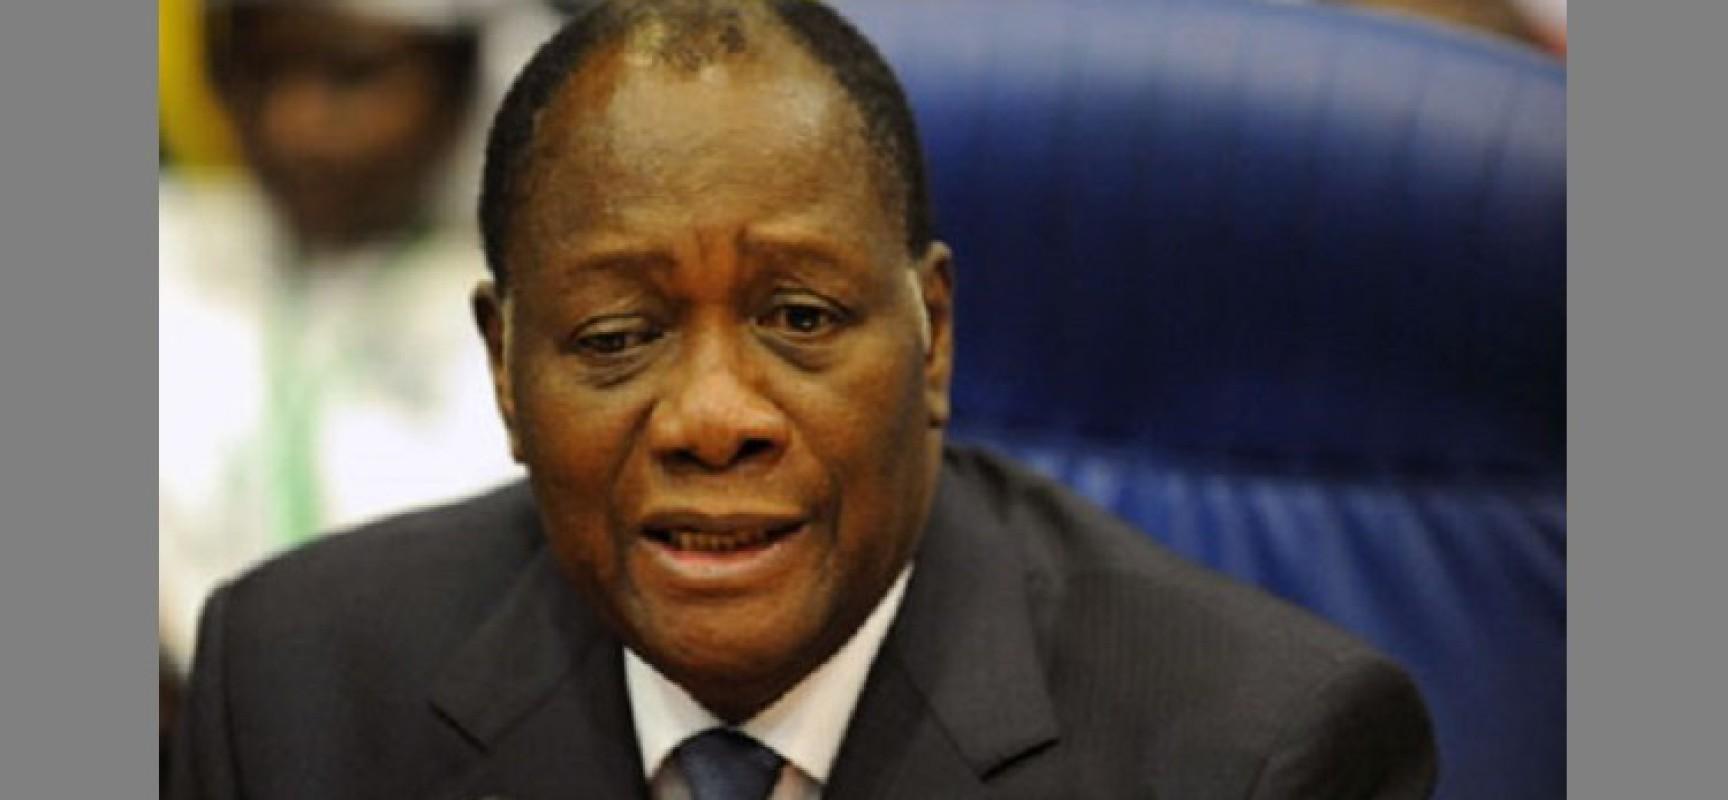 MUTINERIES REPETEES EN COTE-D'IVOIRE : Les enjeux de 2020 se jouent-ils au sein de l'armée?